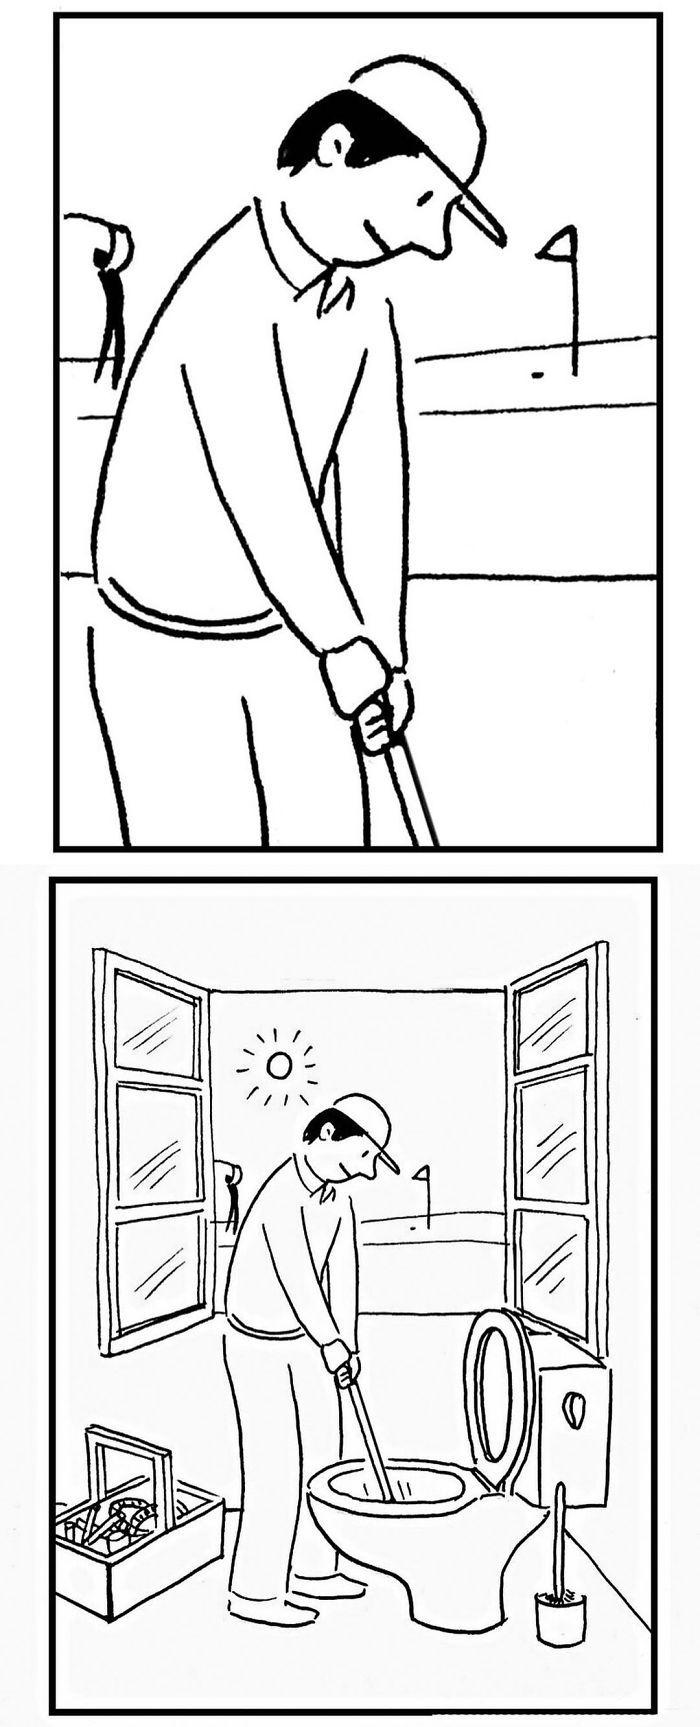 Artista chinês desenha quadrinhos engraçados com reviravoltas surpresa (35 fotos) 16